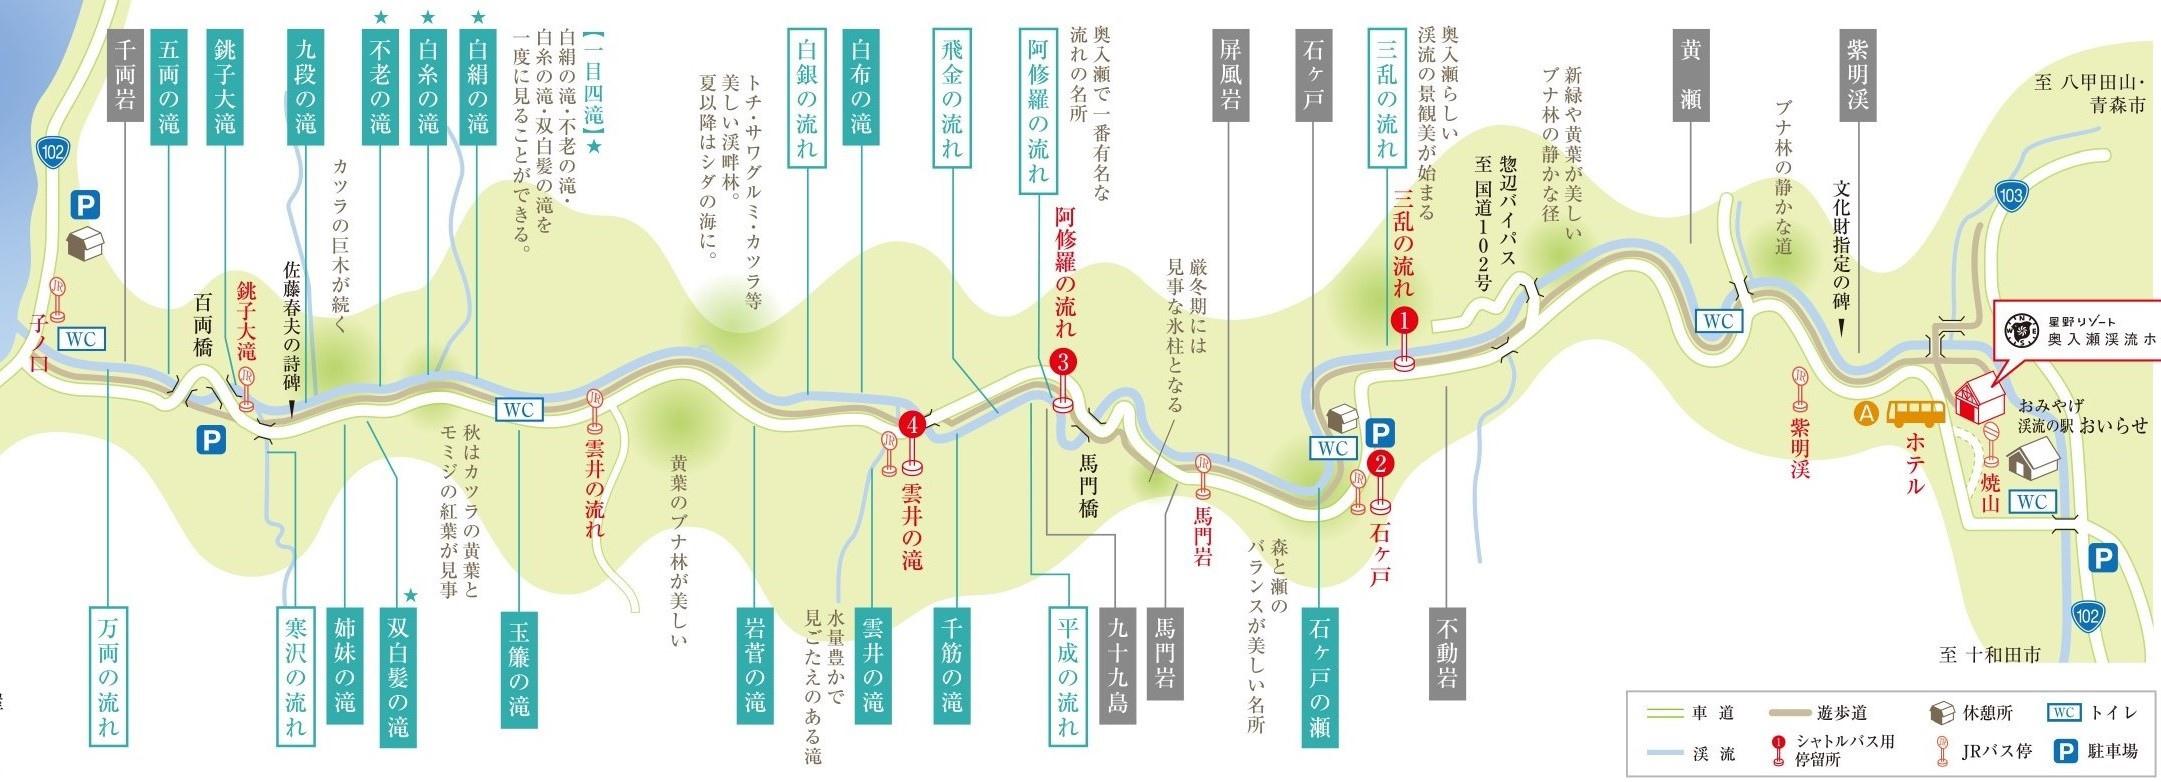 outdoor-map-3